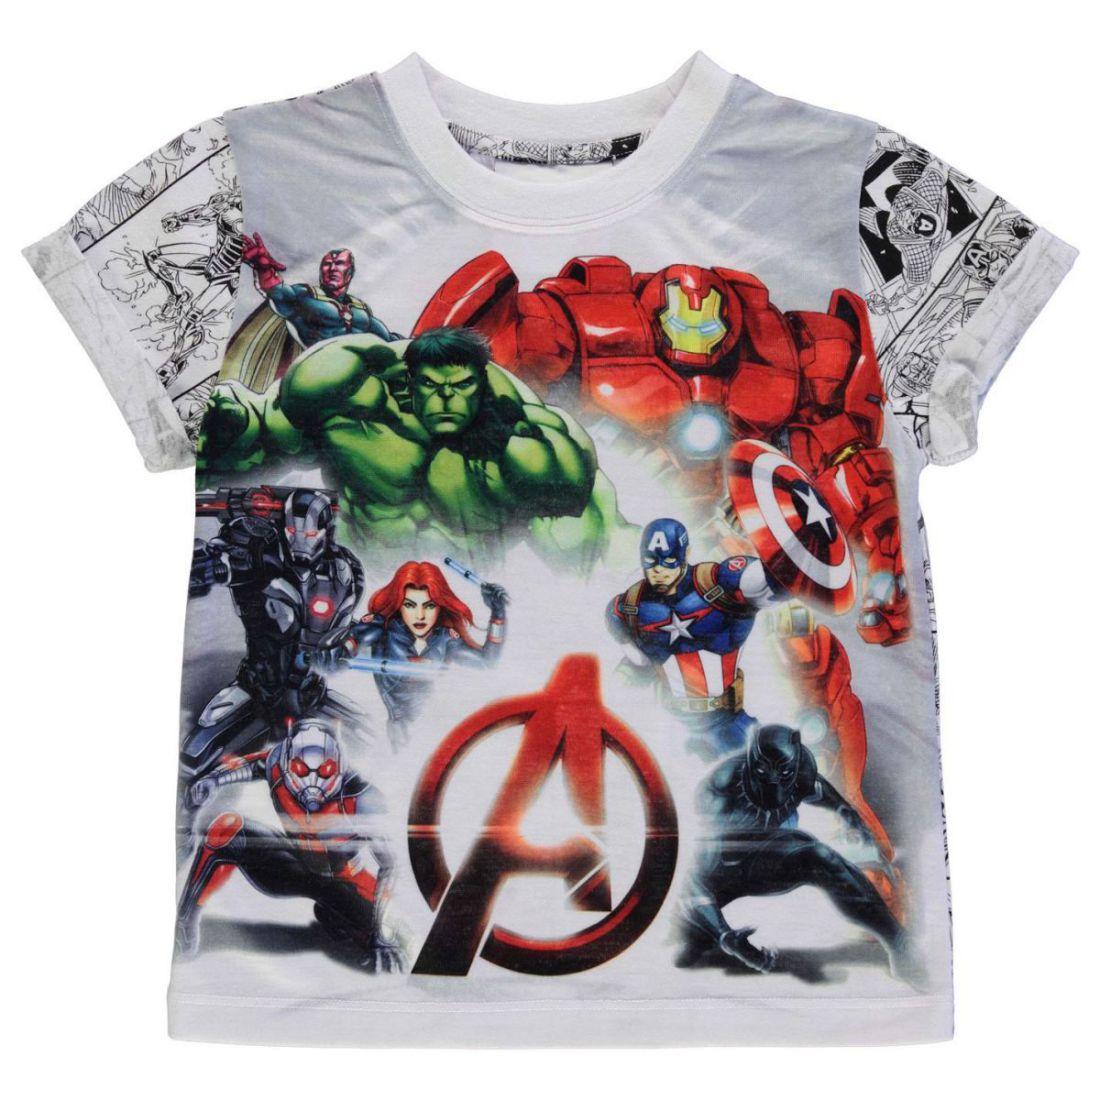 Aimable Personnage Enfant Crew T-shirt Tee Top Vêtements-afficher Le Titre D'origine